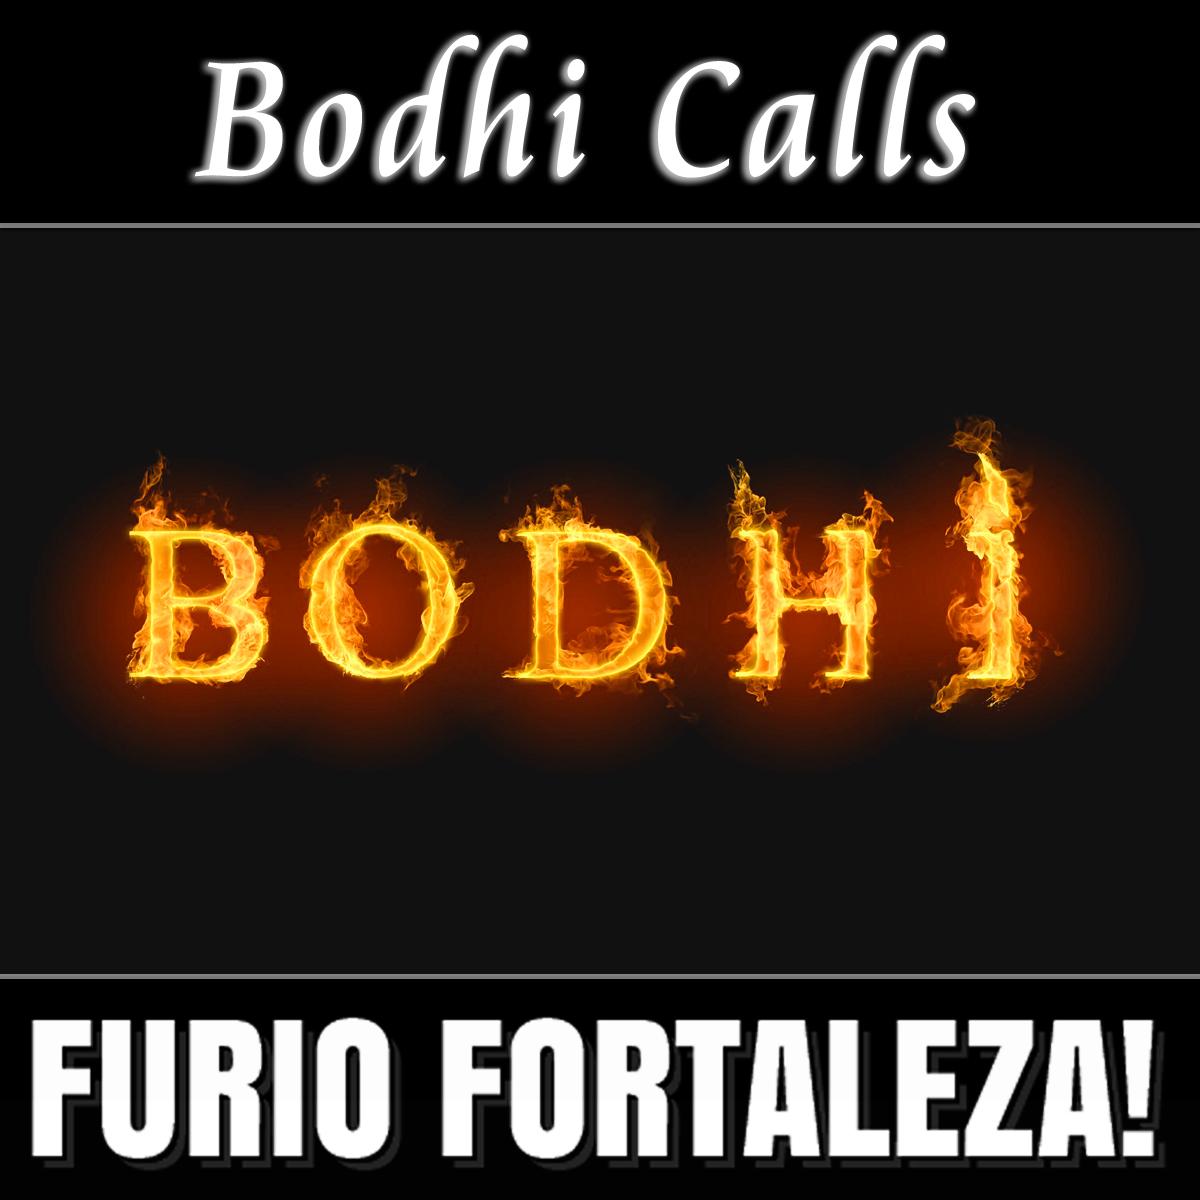 Furio Fortaleza! - 3.6 - Bodhi Calls